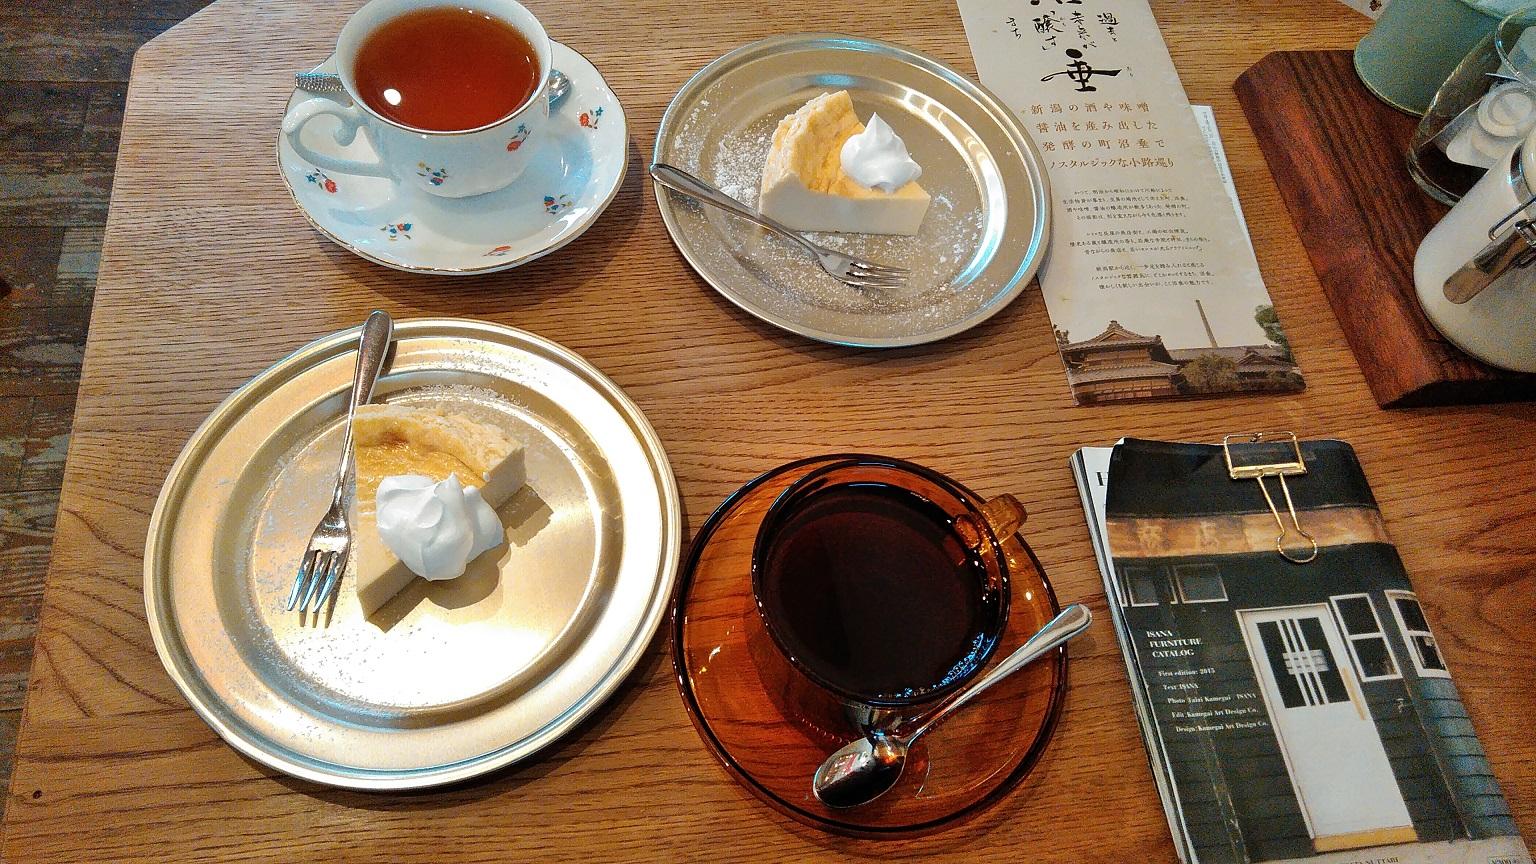 沼垂テラス冬市場の喫茶